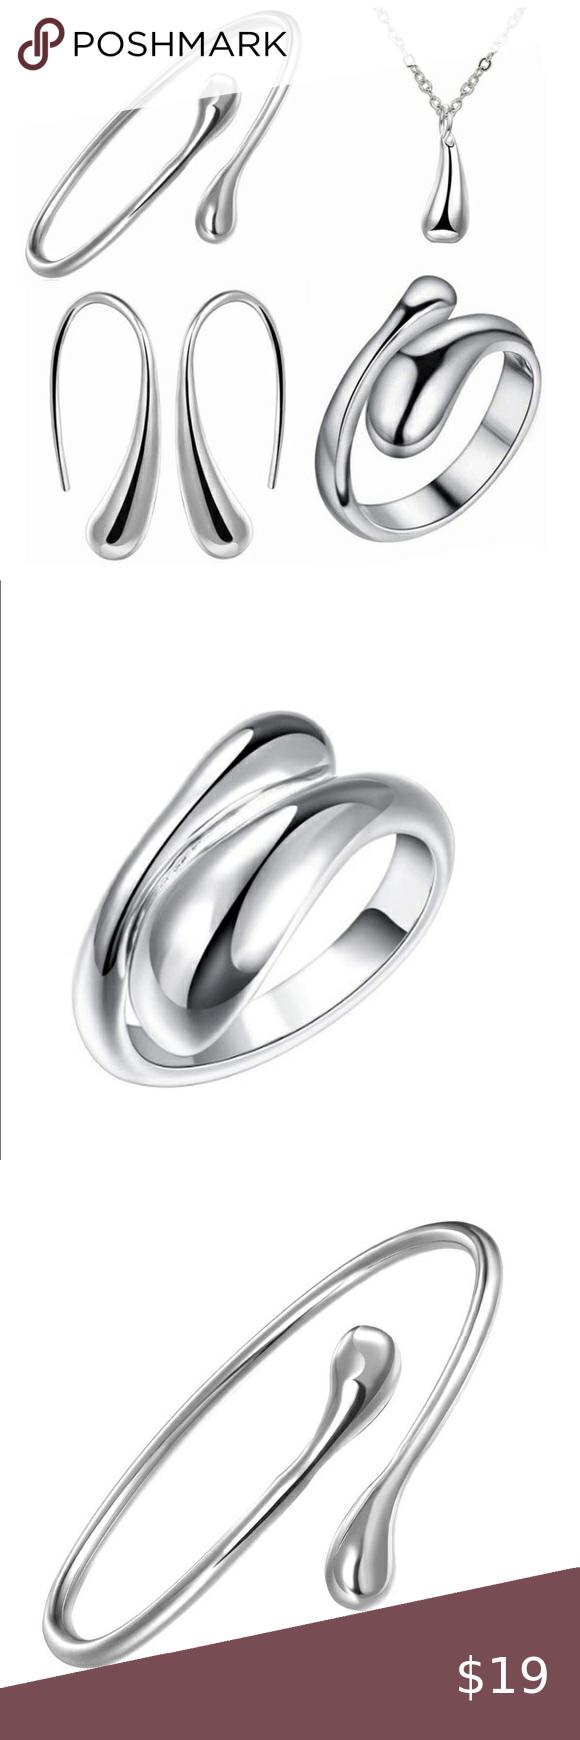 4pcs Silver 925 Teardrop Charm Jewelry Set Jewelry Gift Sets Jewelry Charm Jewelry